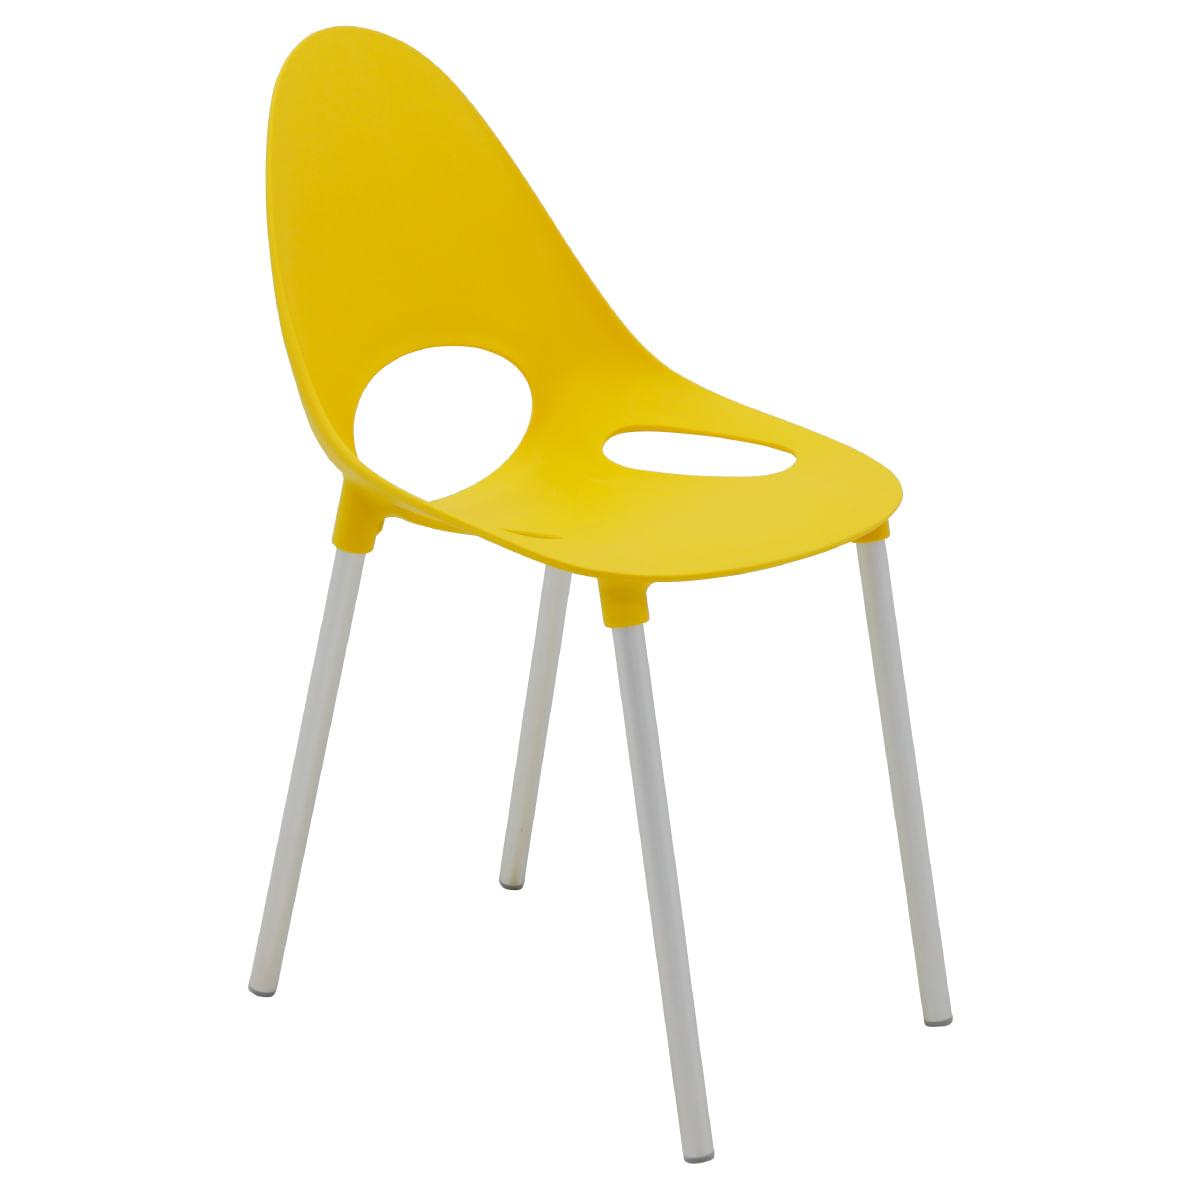 Cadeira Tramontina Elisa em Polipropileno Amarelo com Pernas de Alumínio Anodizado